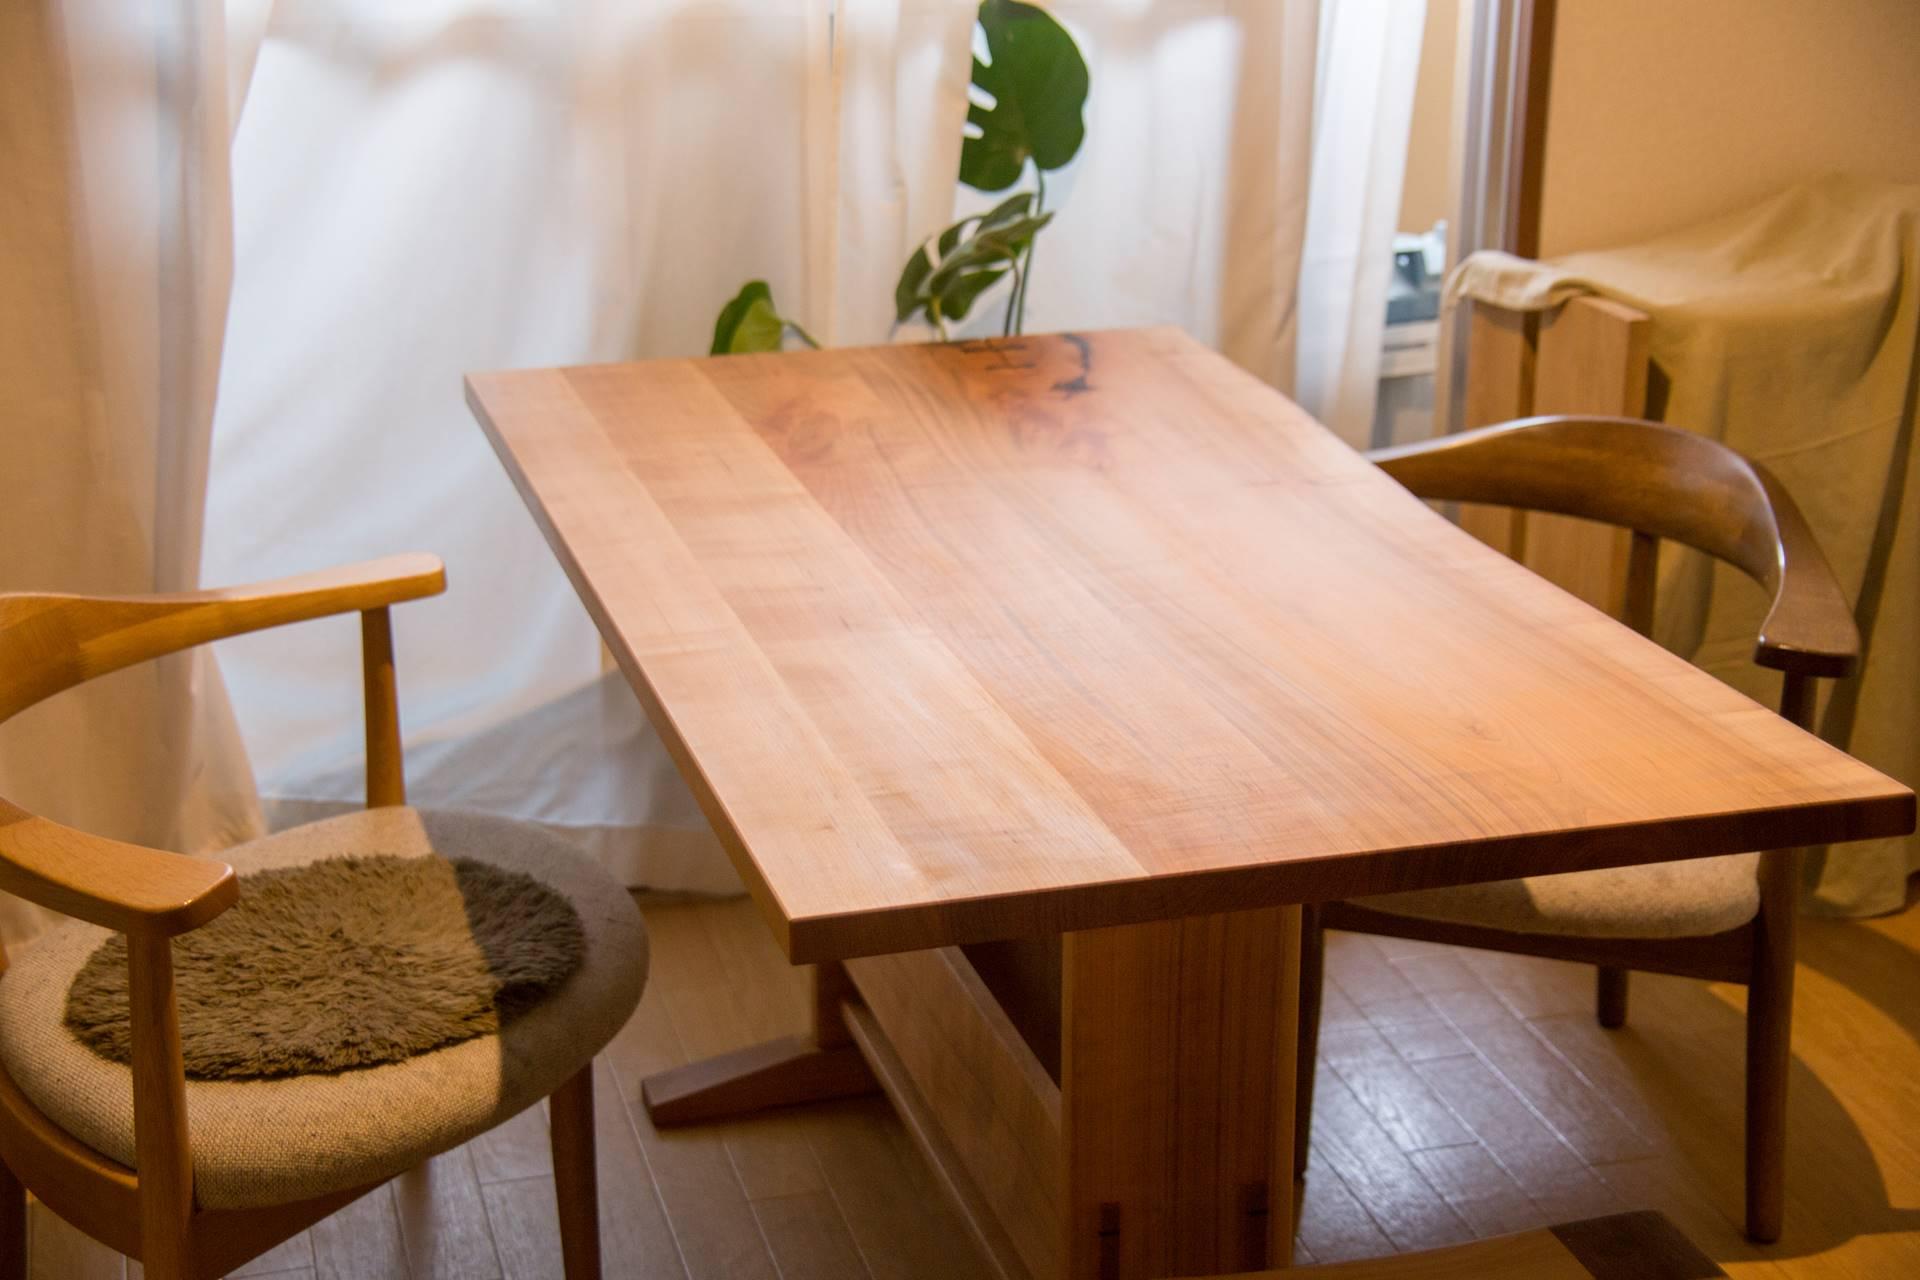 ダイニングテーブル 山桜 耳付き 蝶契り